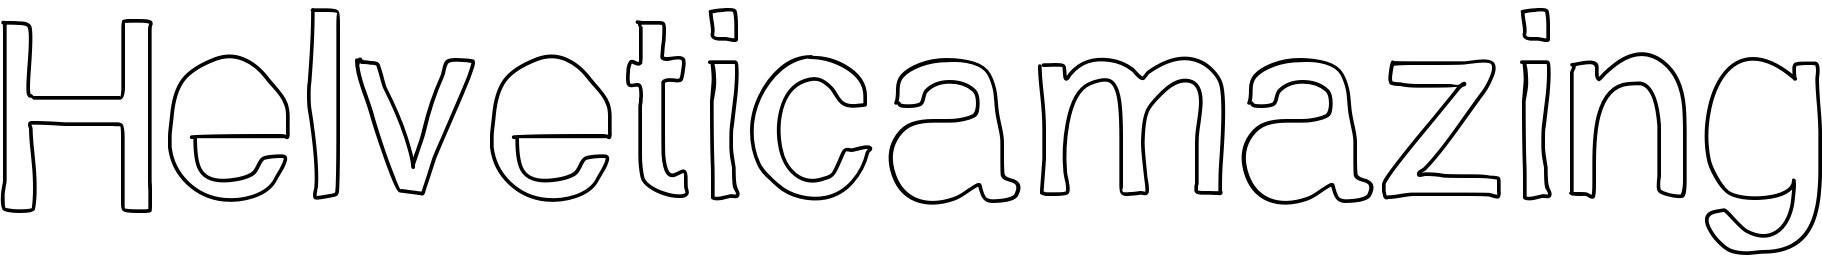 Helveticamazing